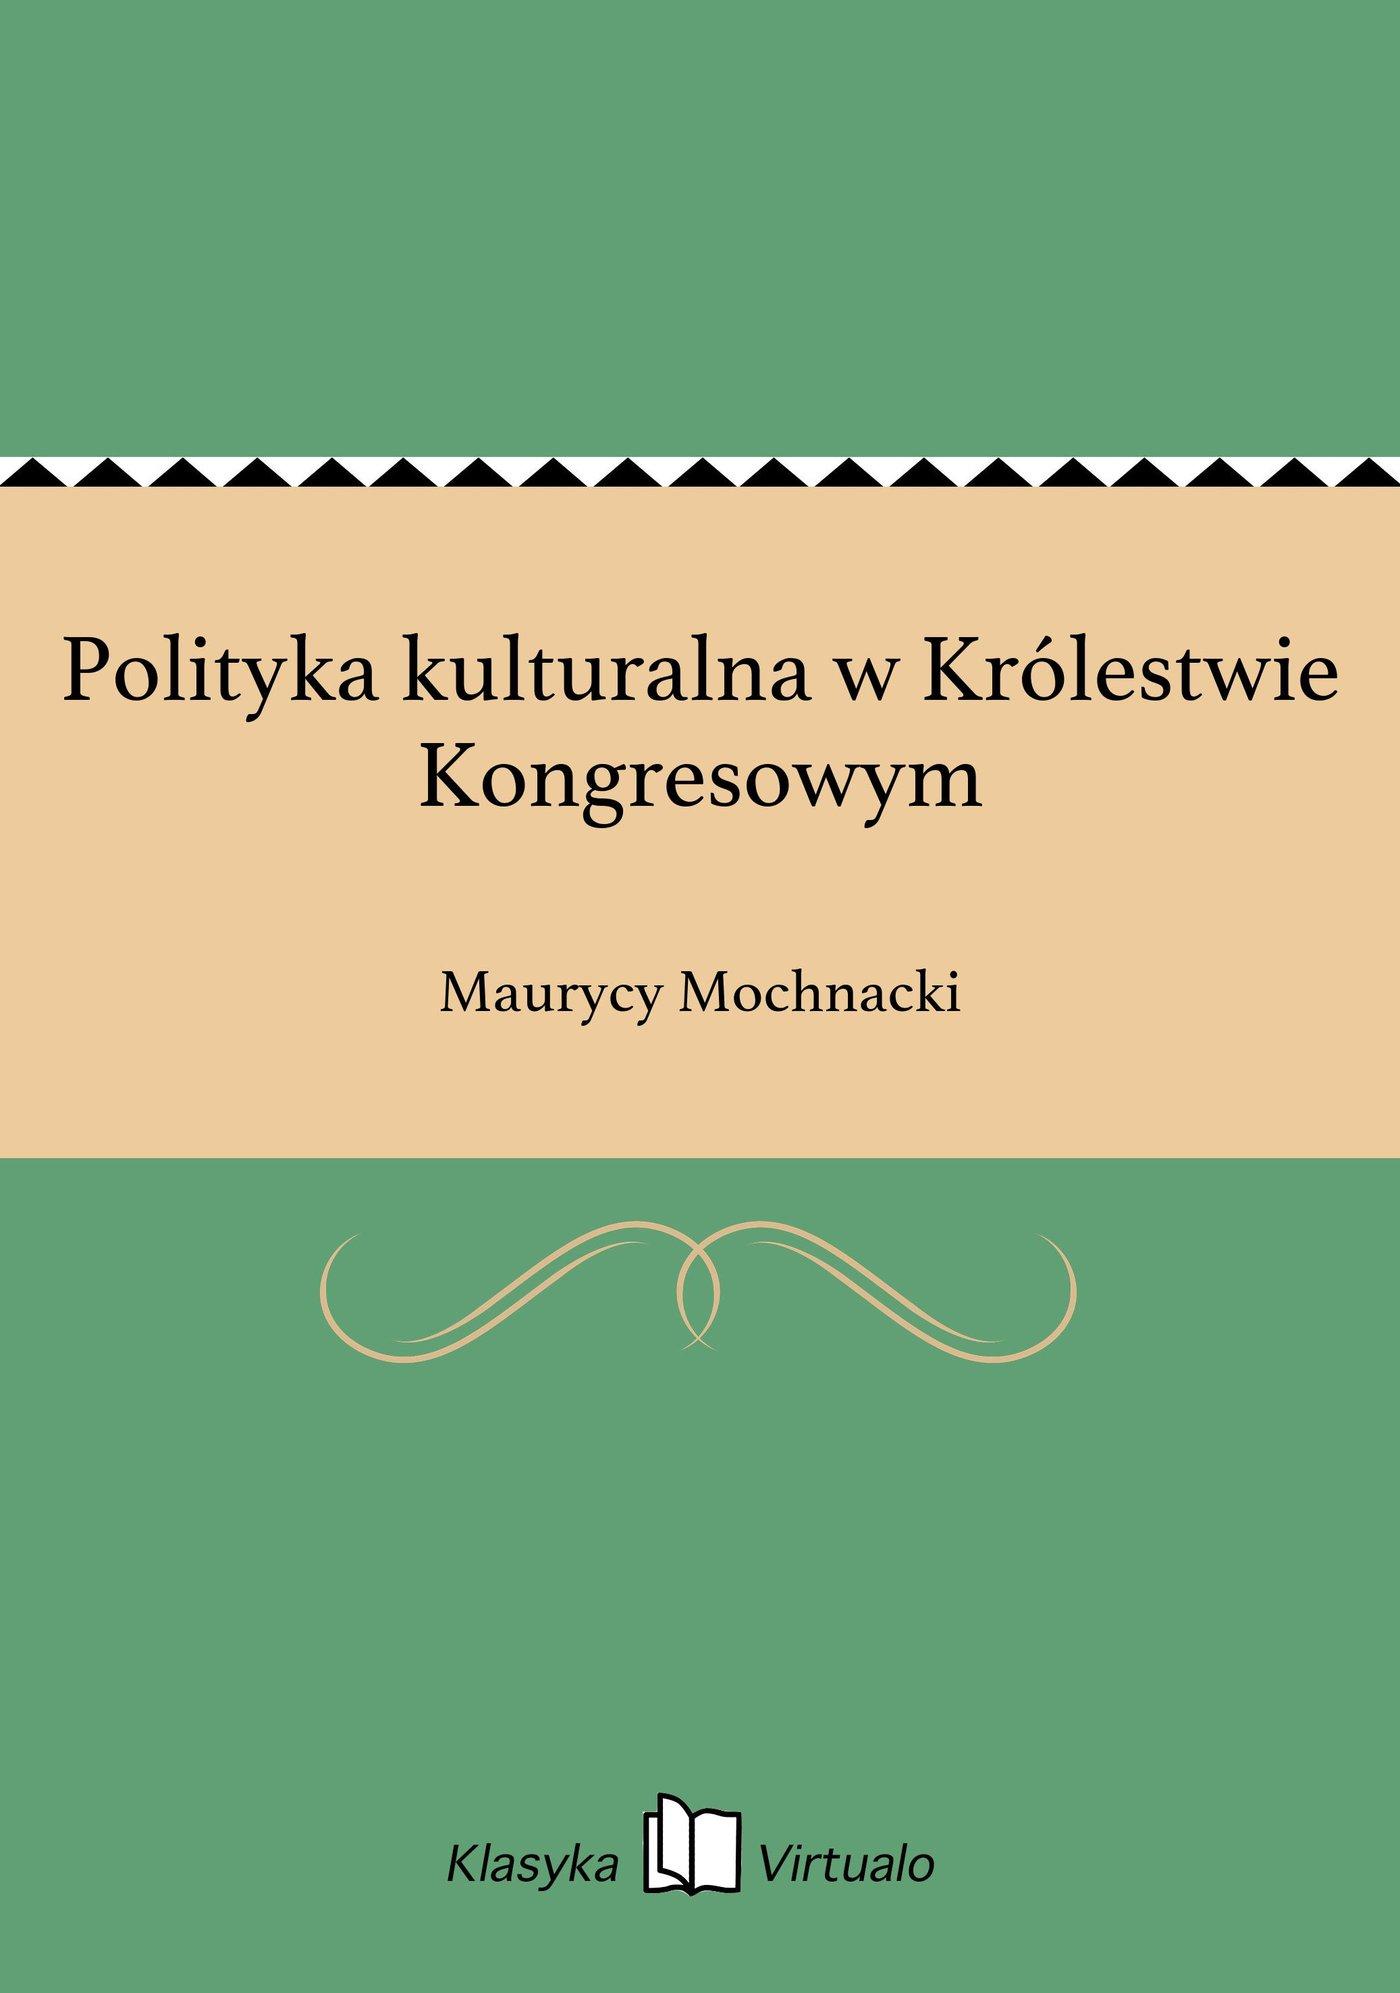 Polityka kulturalna w Królestwie Kongresowym - Ebook (Książka EPUB) do pobrania w formacie EPUB